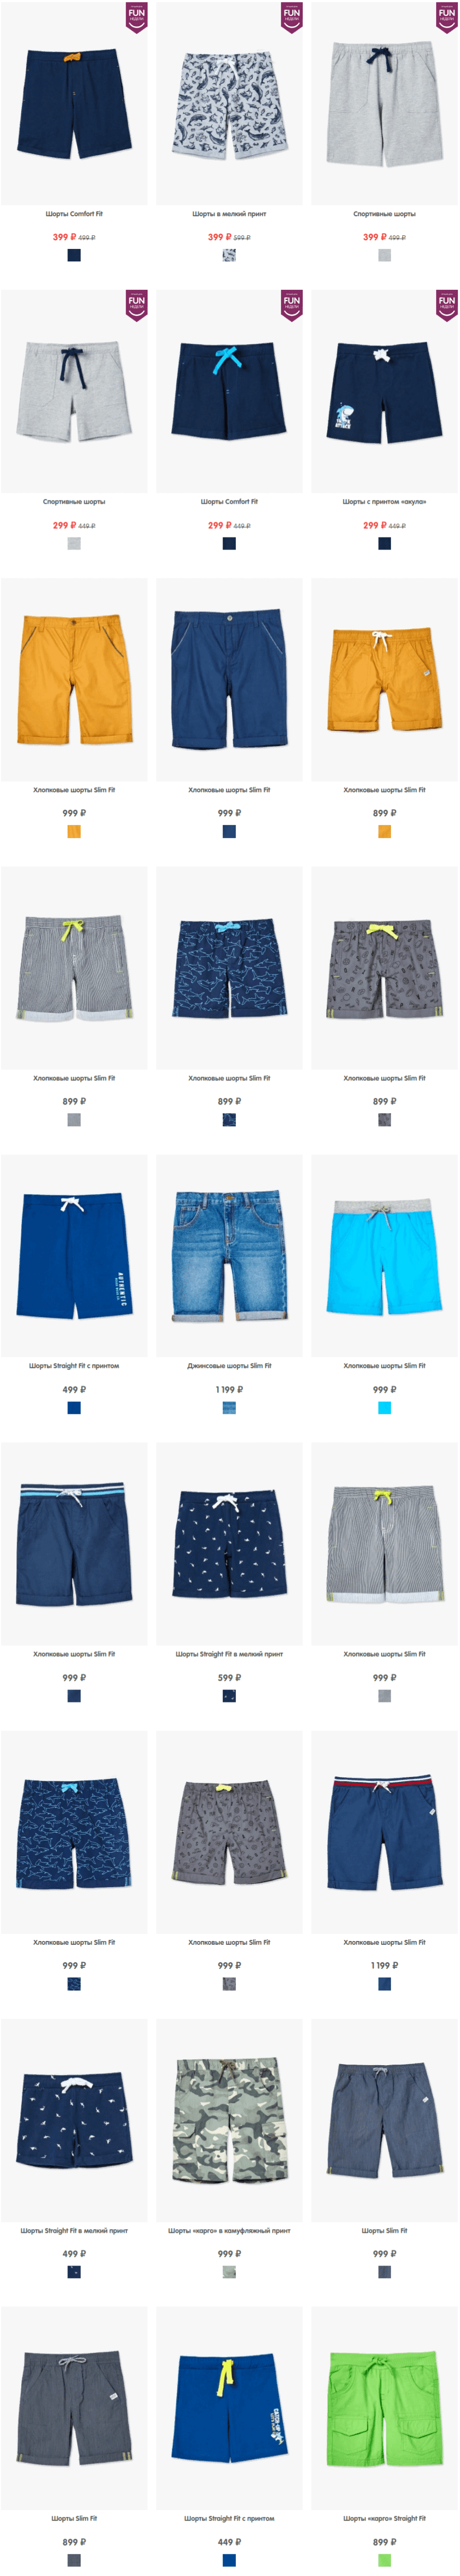 Купить Шорты для мальчиков в интернет-магазине одежды Фандэй